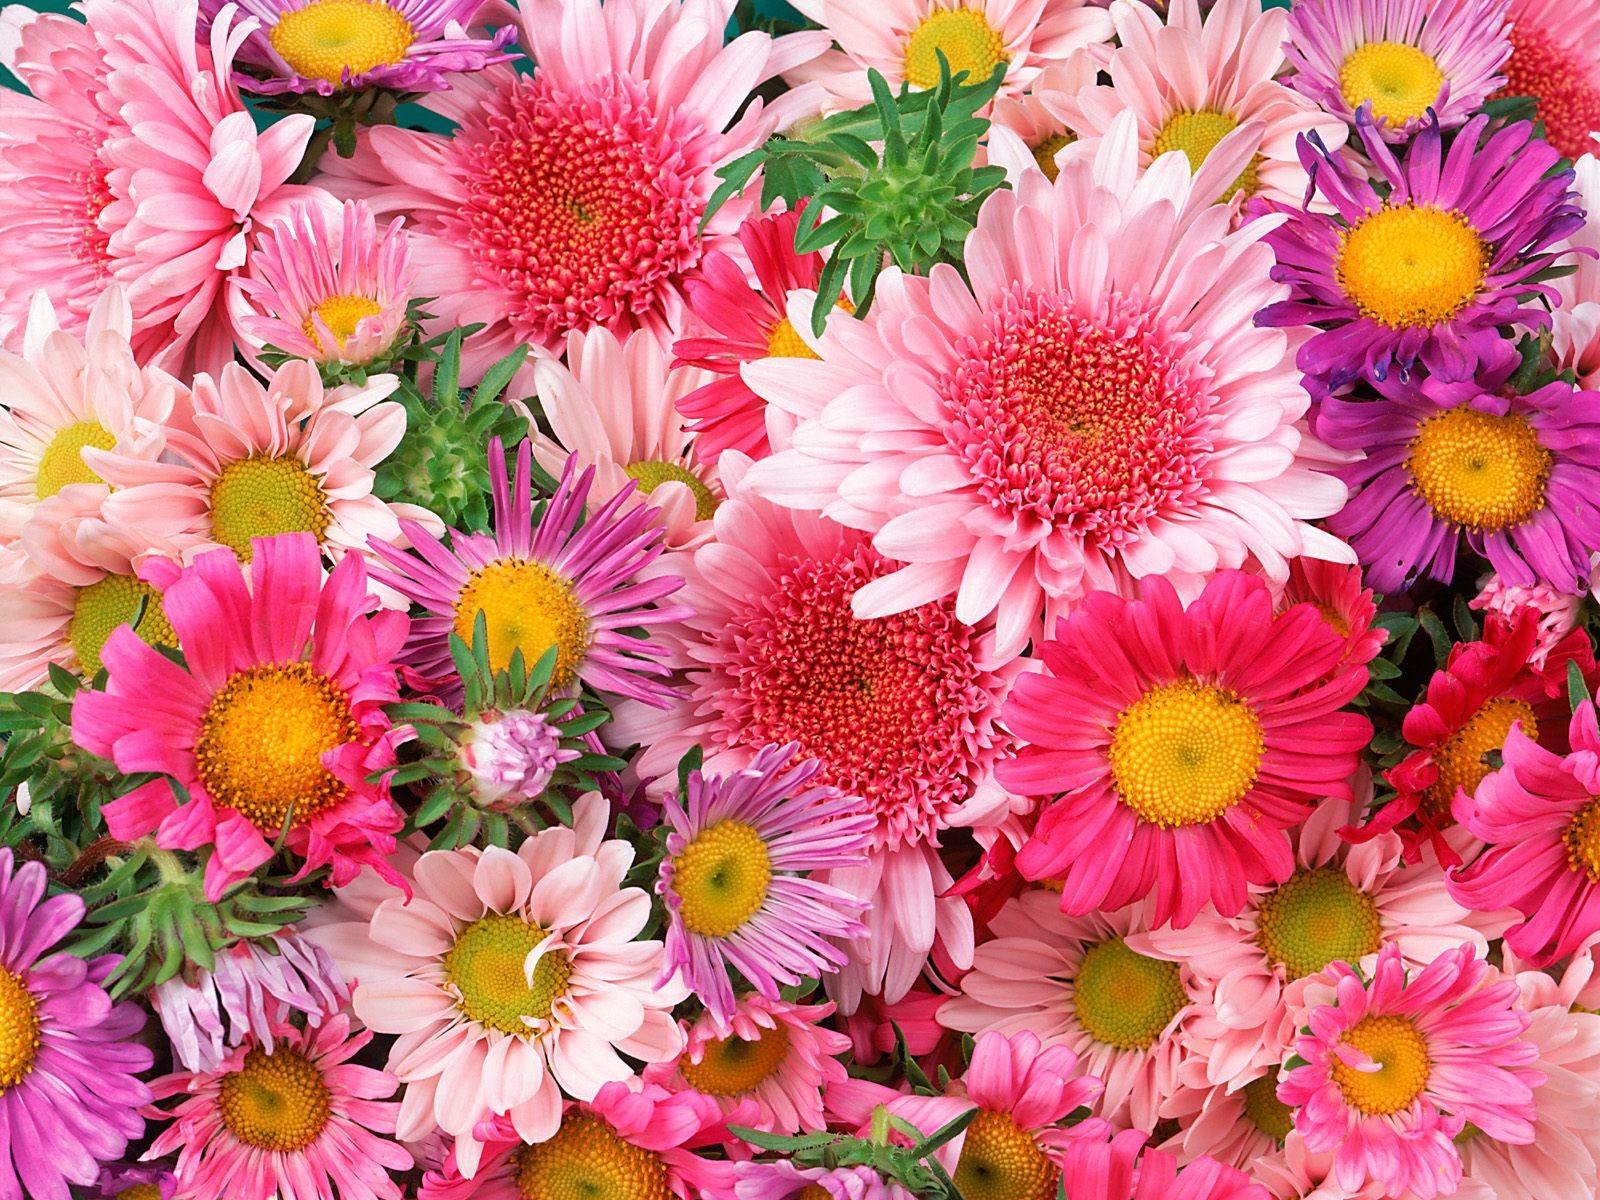 Magnifique fond d'écran de fleurs